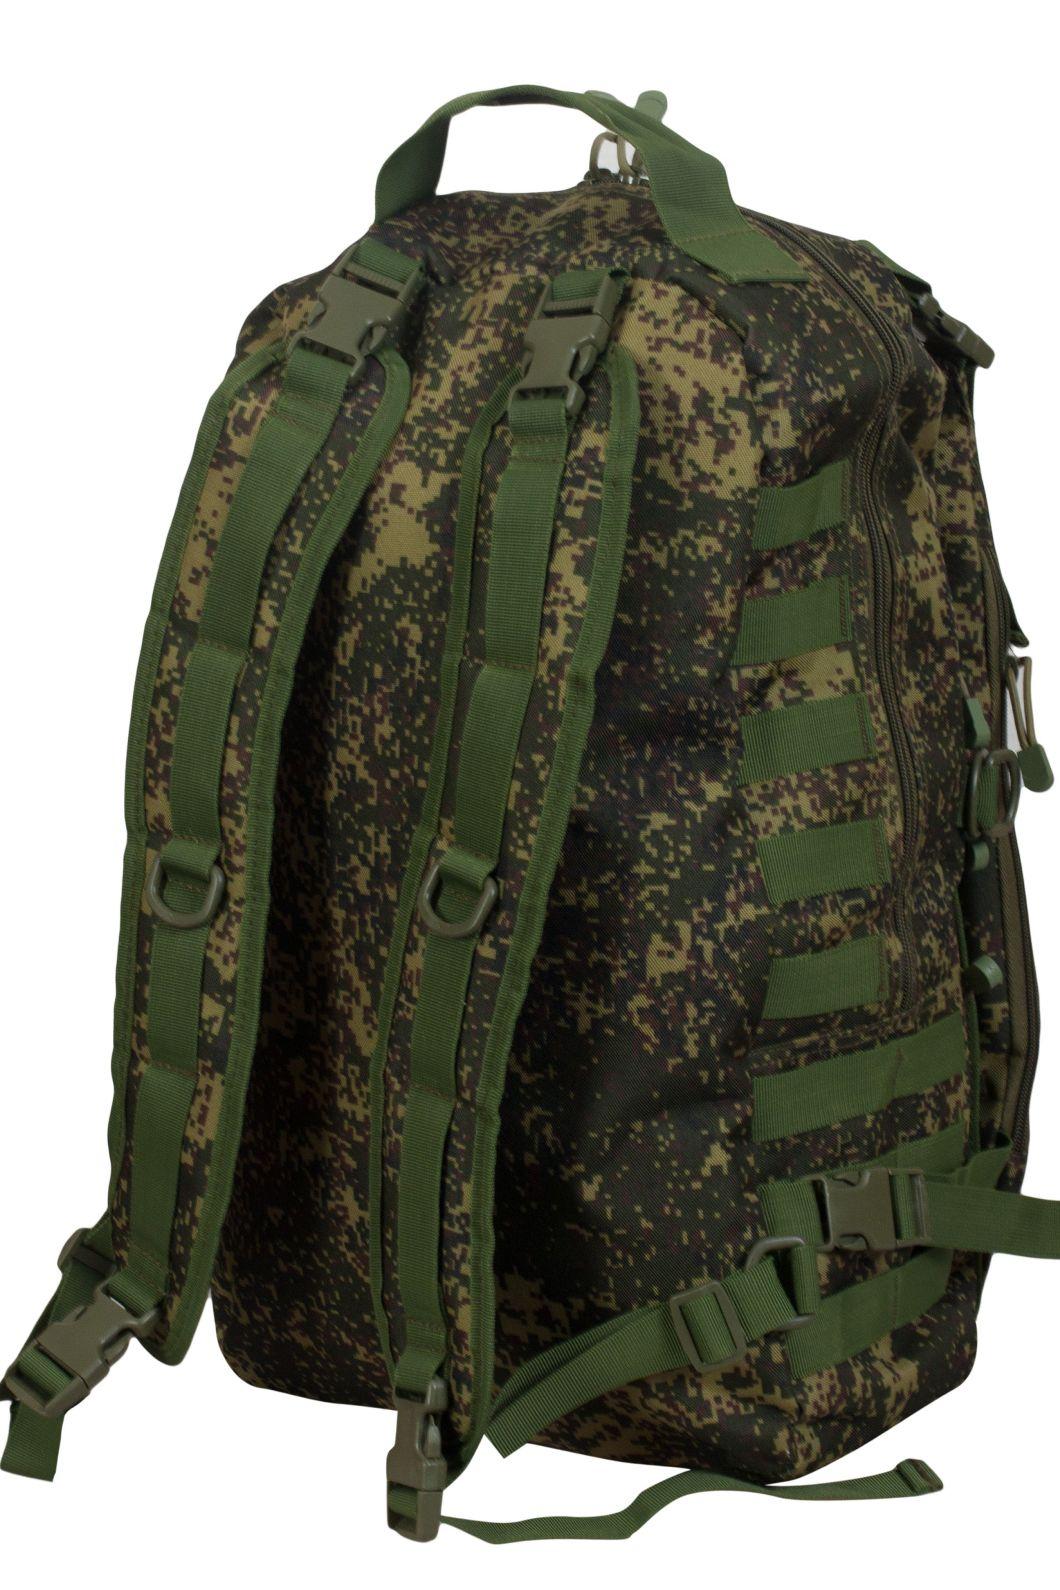 Надежный мужской рюкзак с нашивкой Ни Пуха ни Пера - купить в подарок